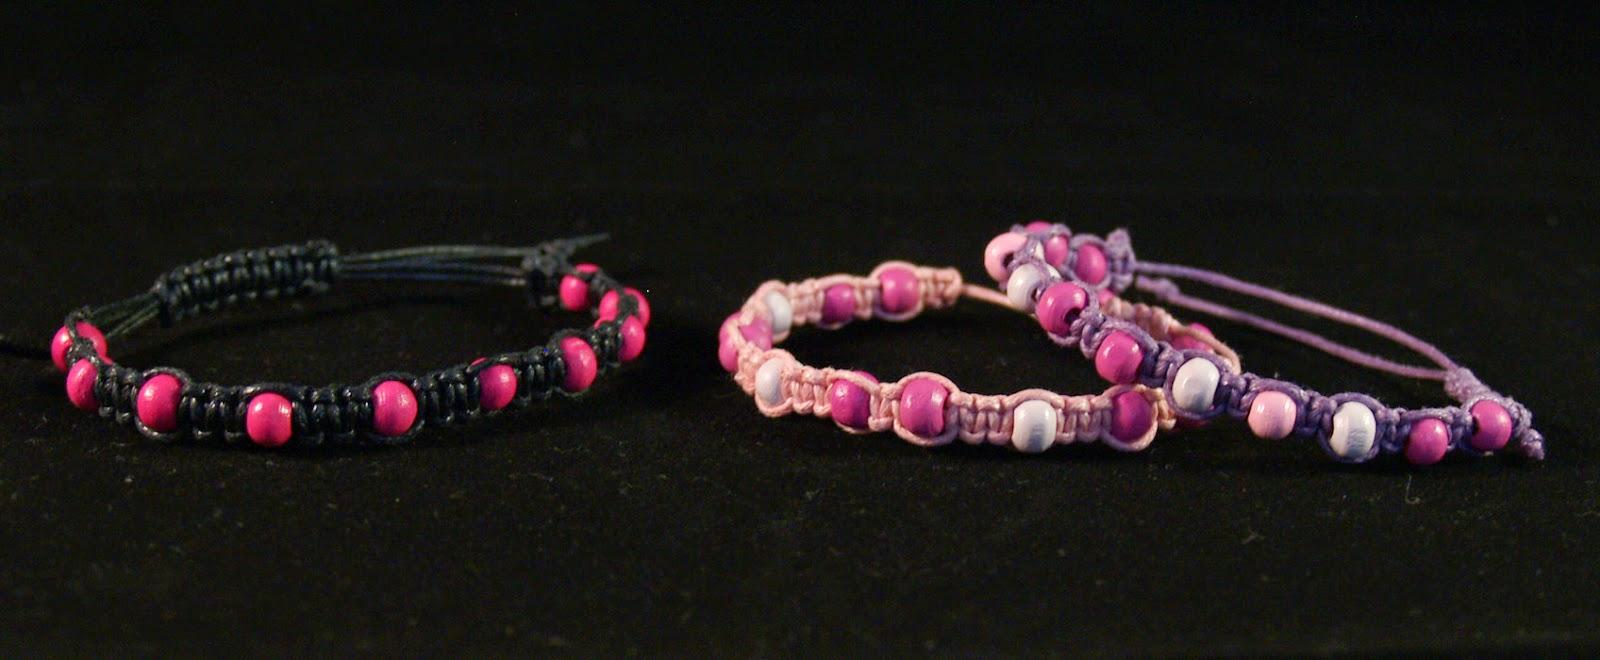 macrame bracelets pink